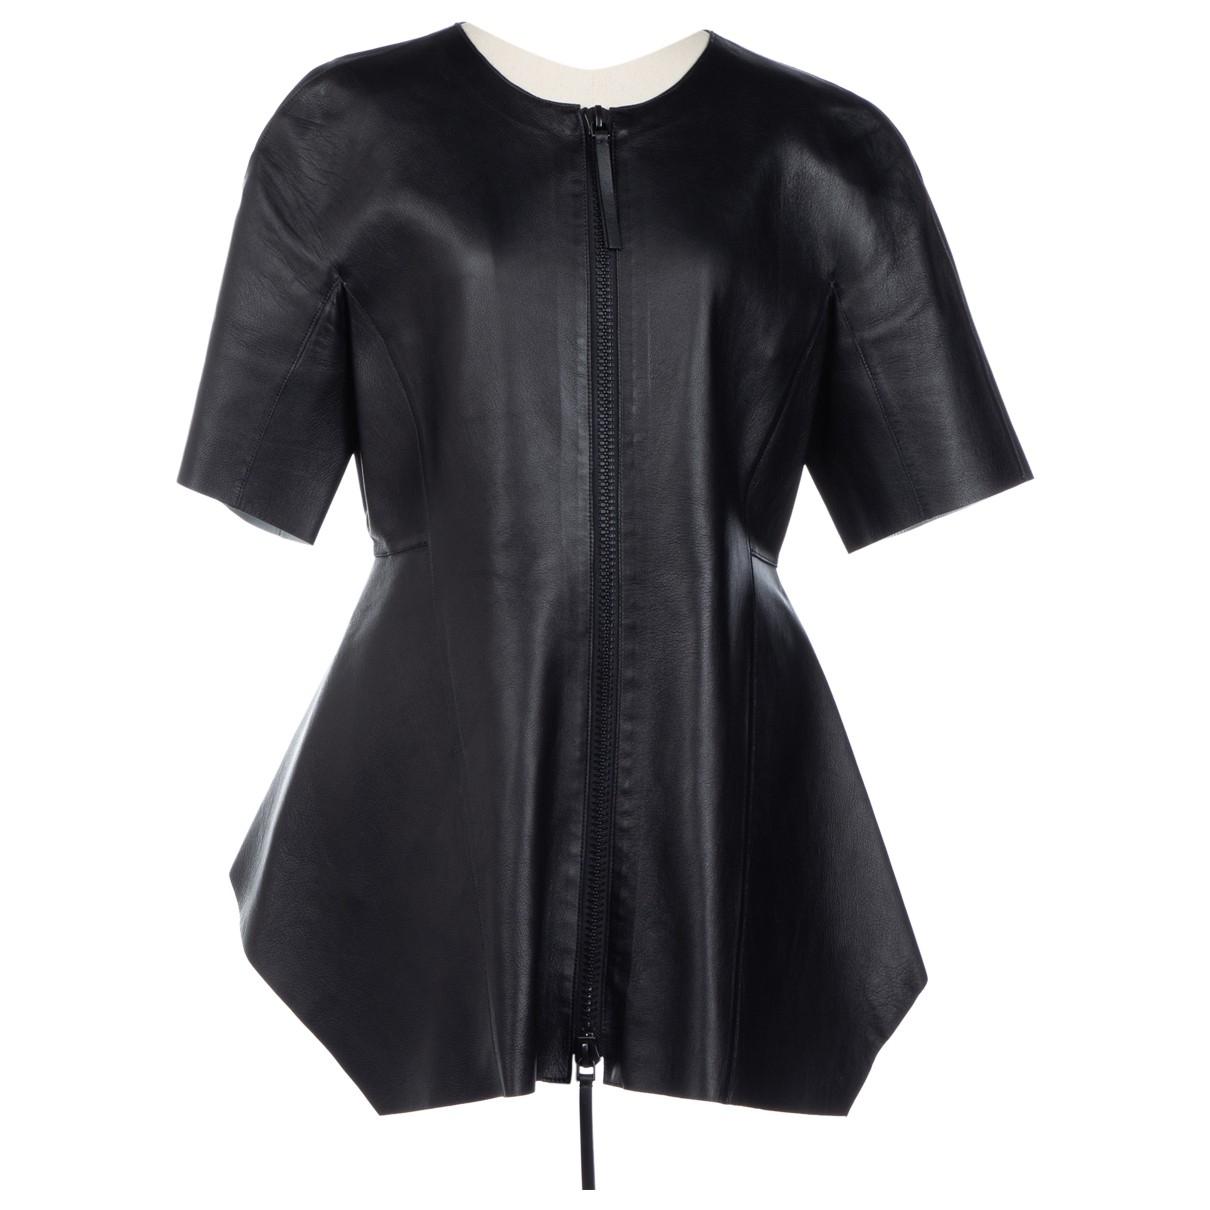 Marni - Veste   pour femme en cuir - noir